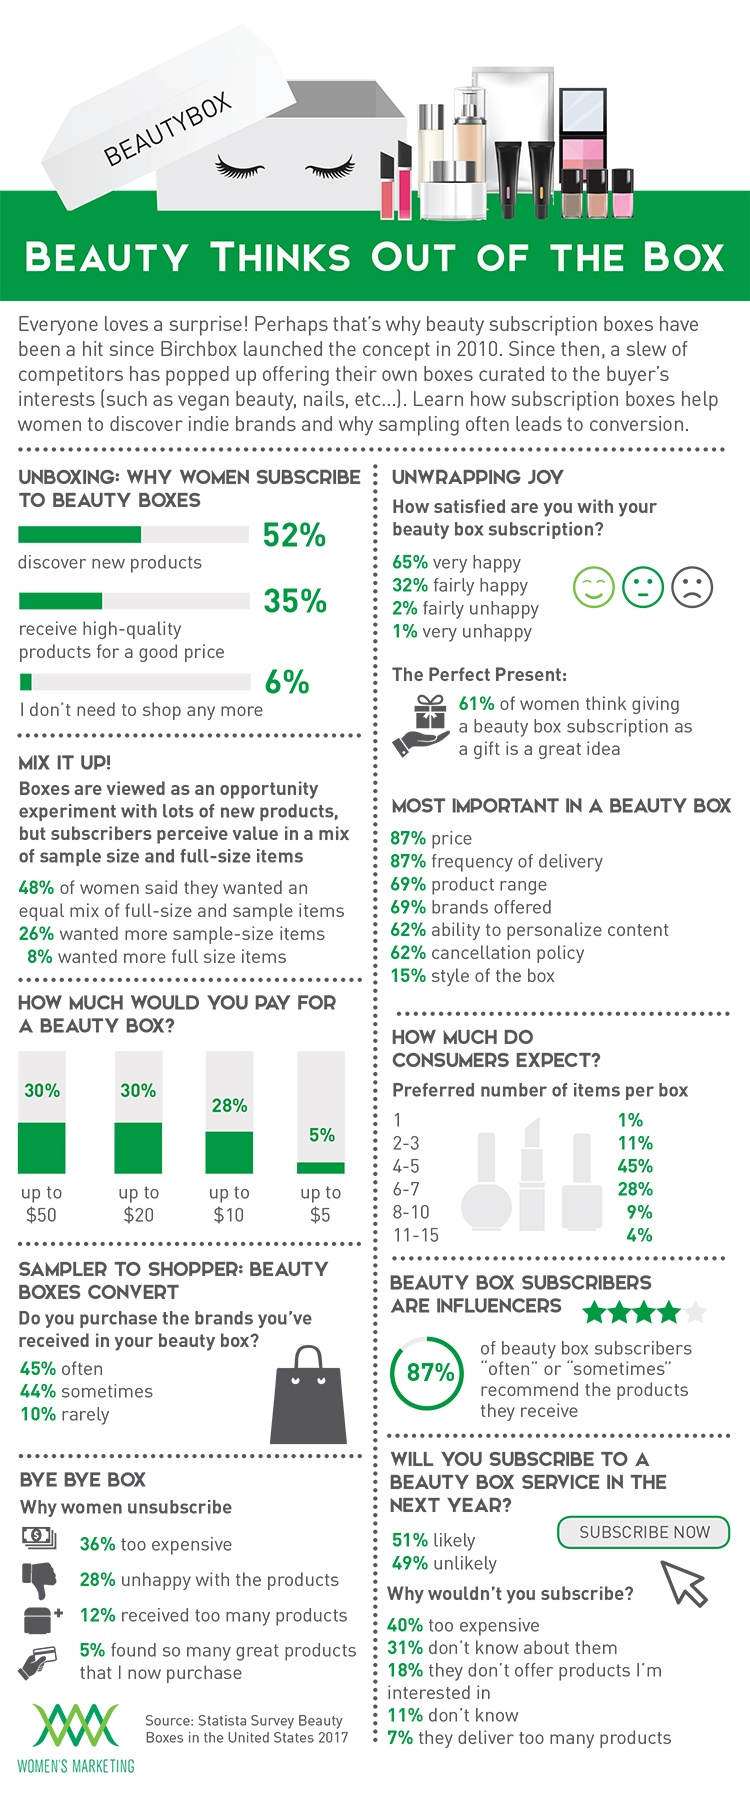 BeautyBox_Infographic.jpg